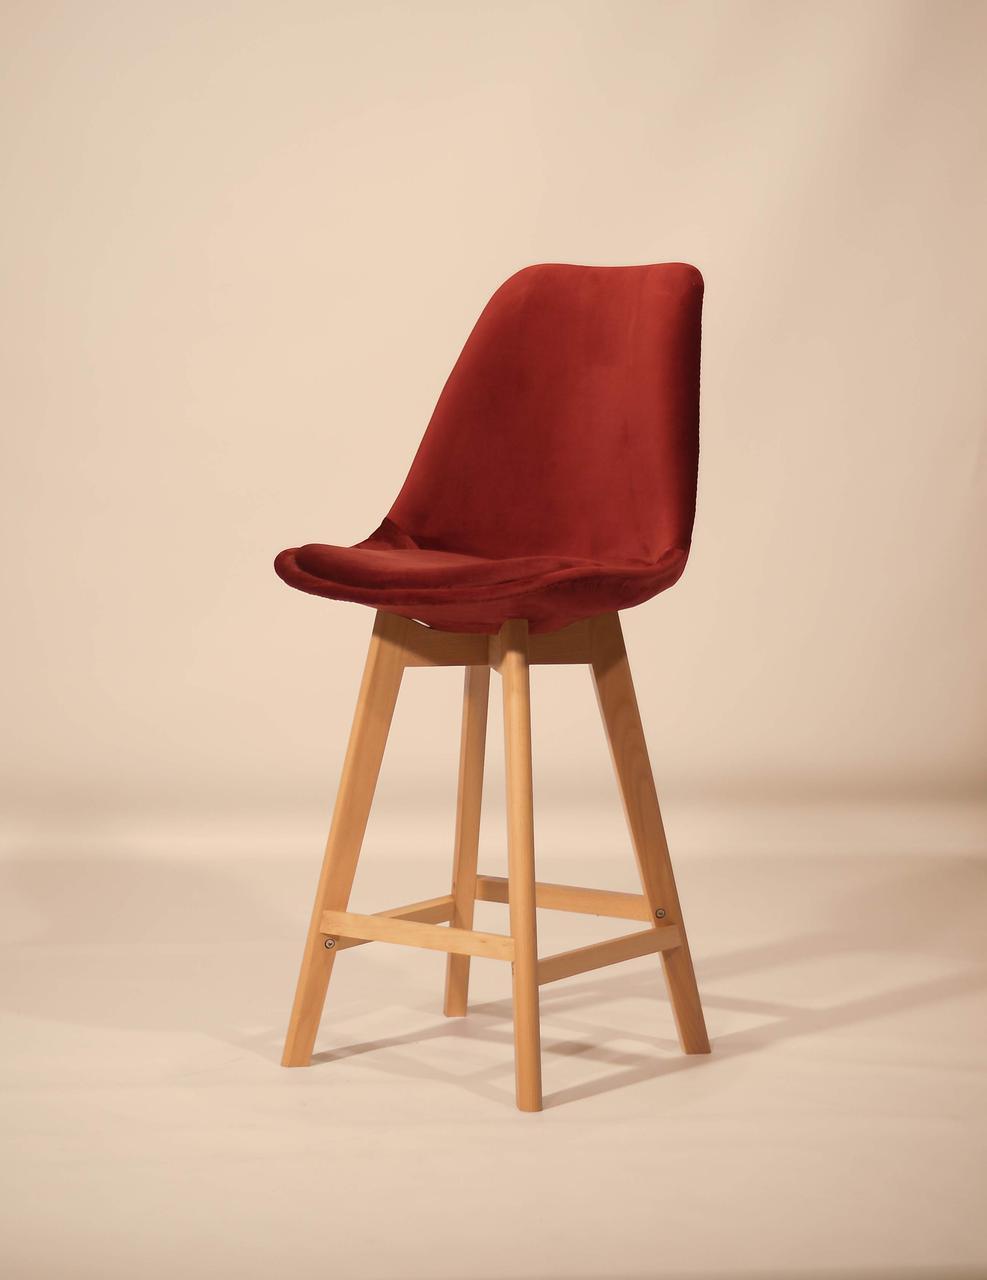 Стул барный тканевой на деревянных ножках  Milan Soft ,цвет бордо